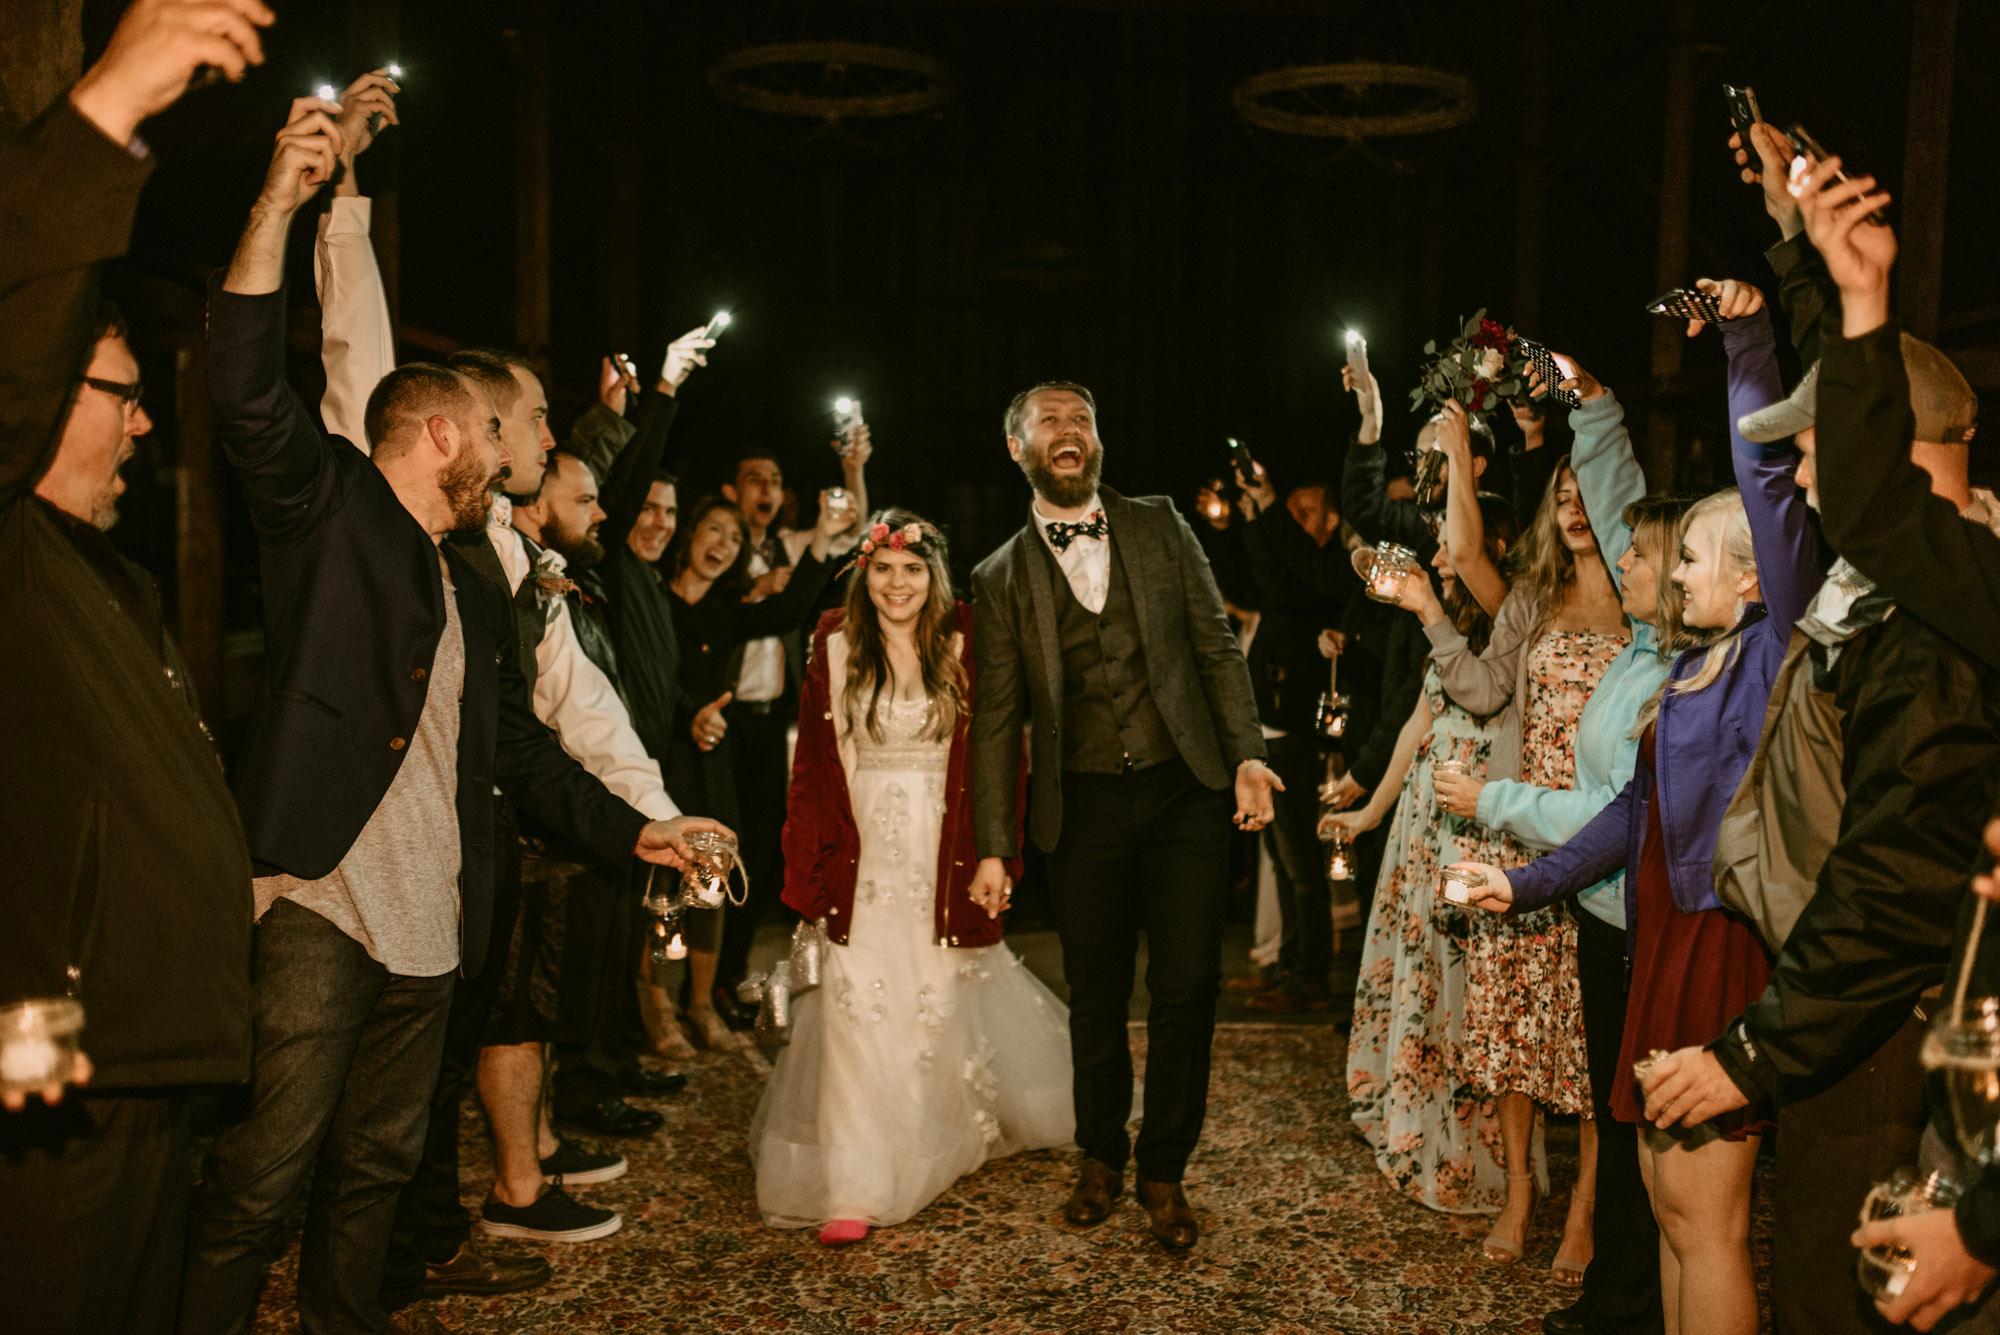 Indoor-Barn-Ceremony-Dancing-Washington-0163.jpg